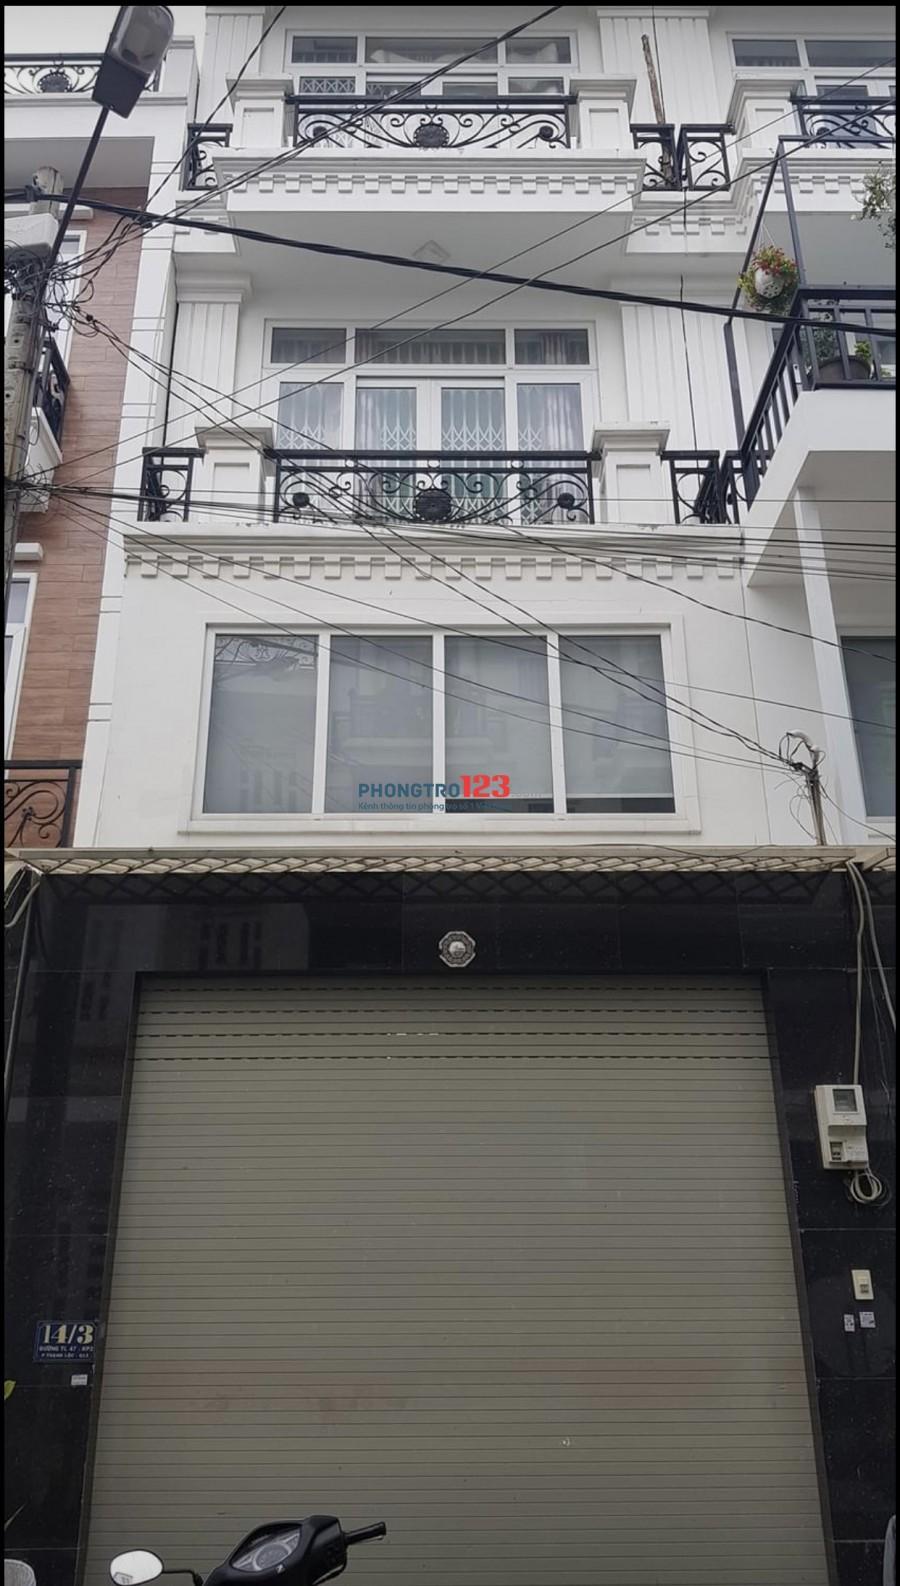 Cho thuê phòng trọ giá rẻ tại 14/3 Đường số 47, Phường Thạnh Lộc, Quận 12 ngay cầu Ông Đụng